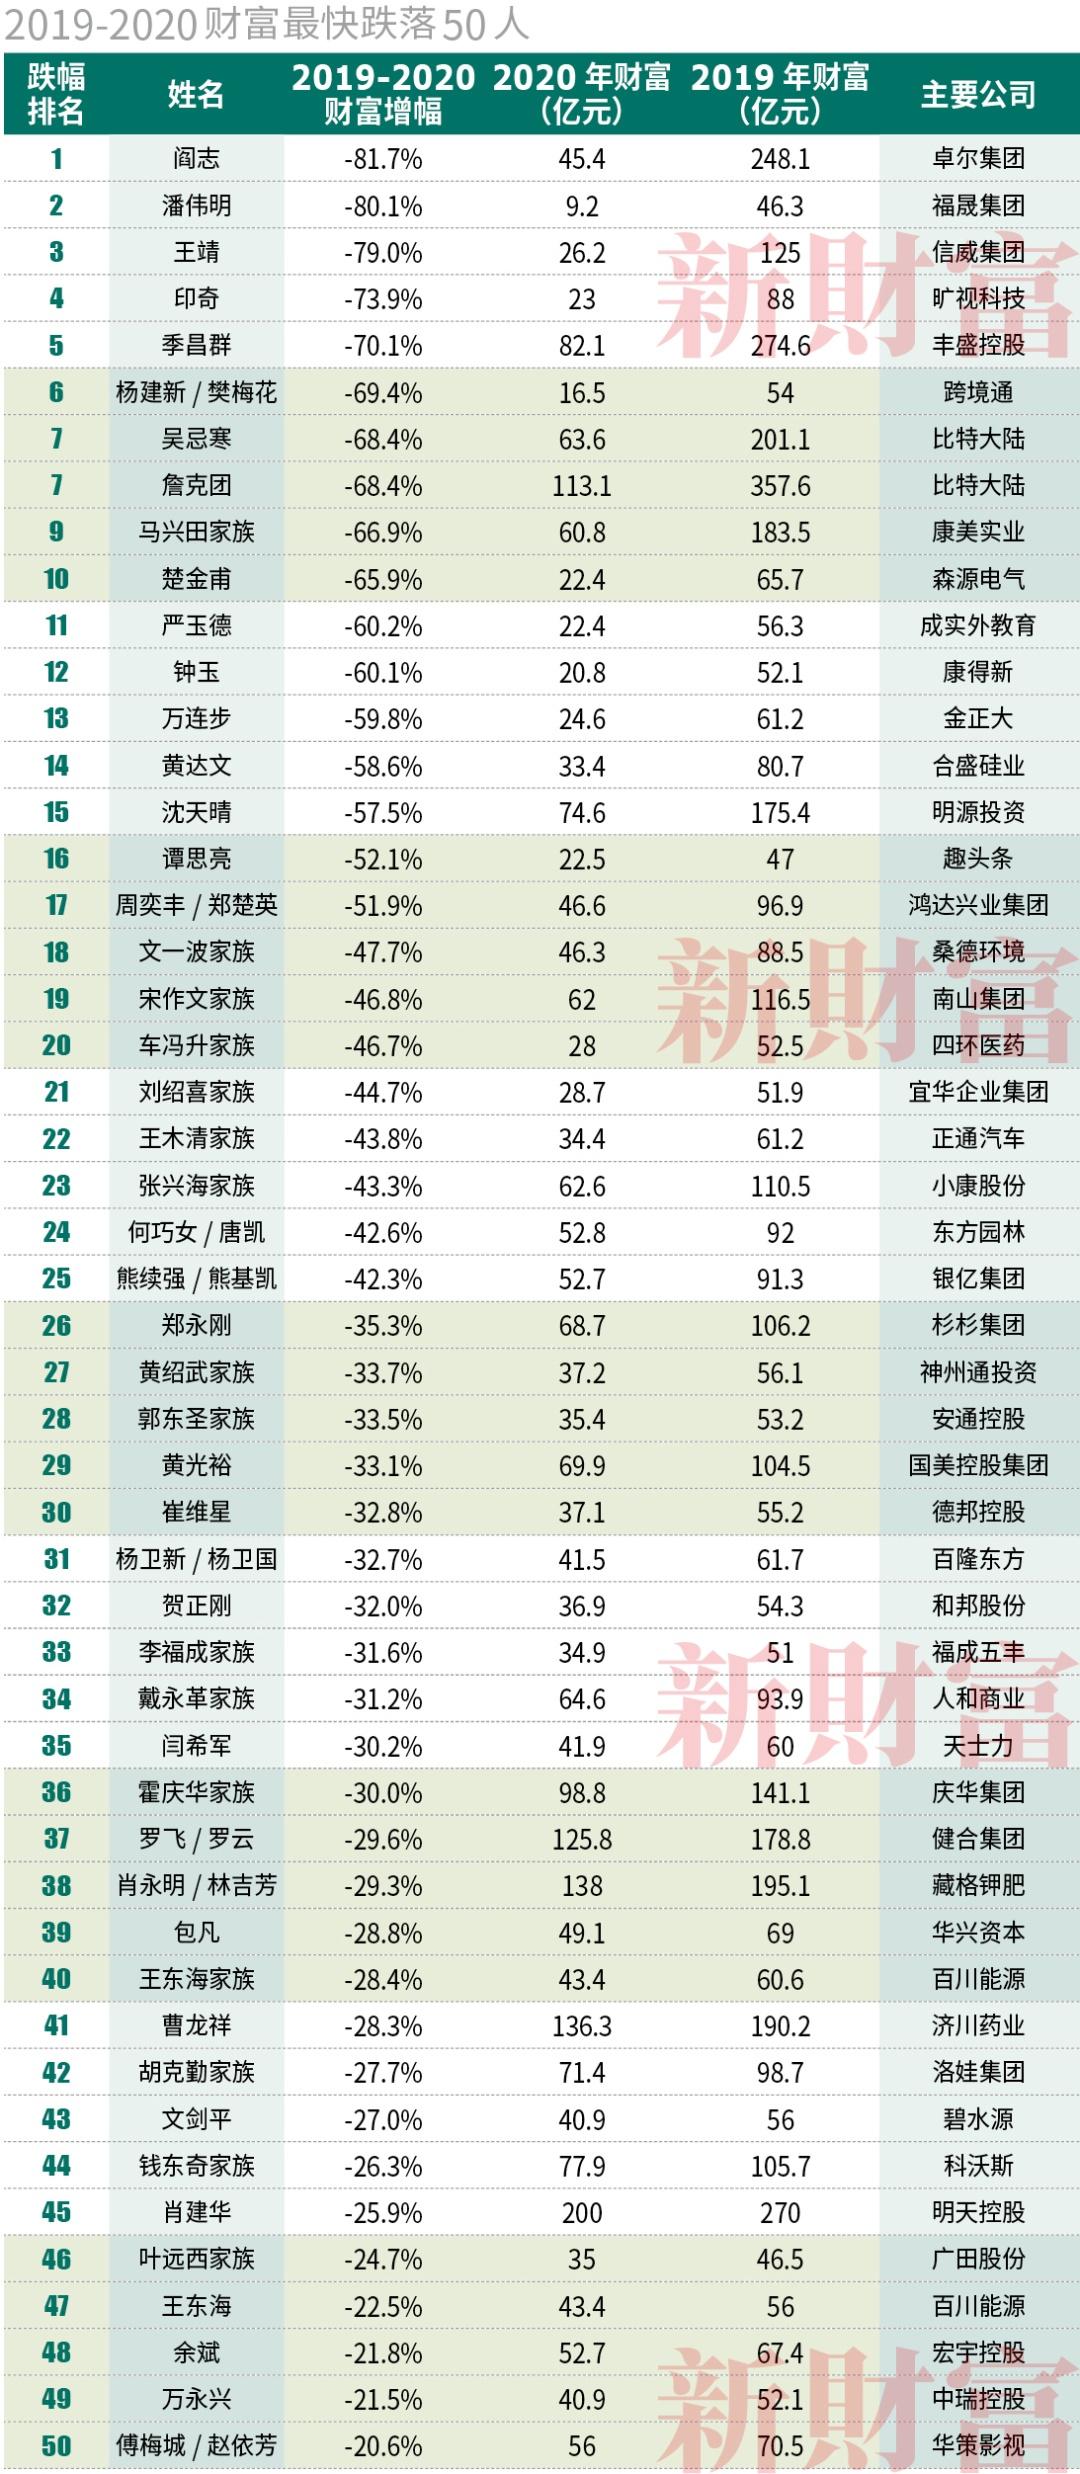 2020年富豪排行榜_2020全球富豪榜 粤港澳大湾区的财富在哪里